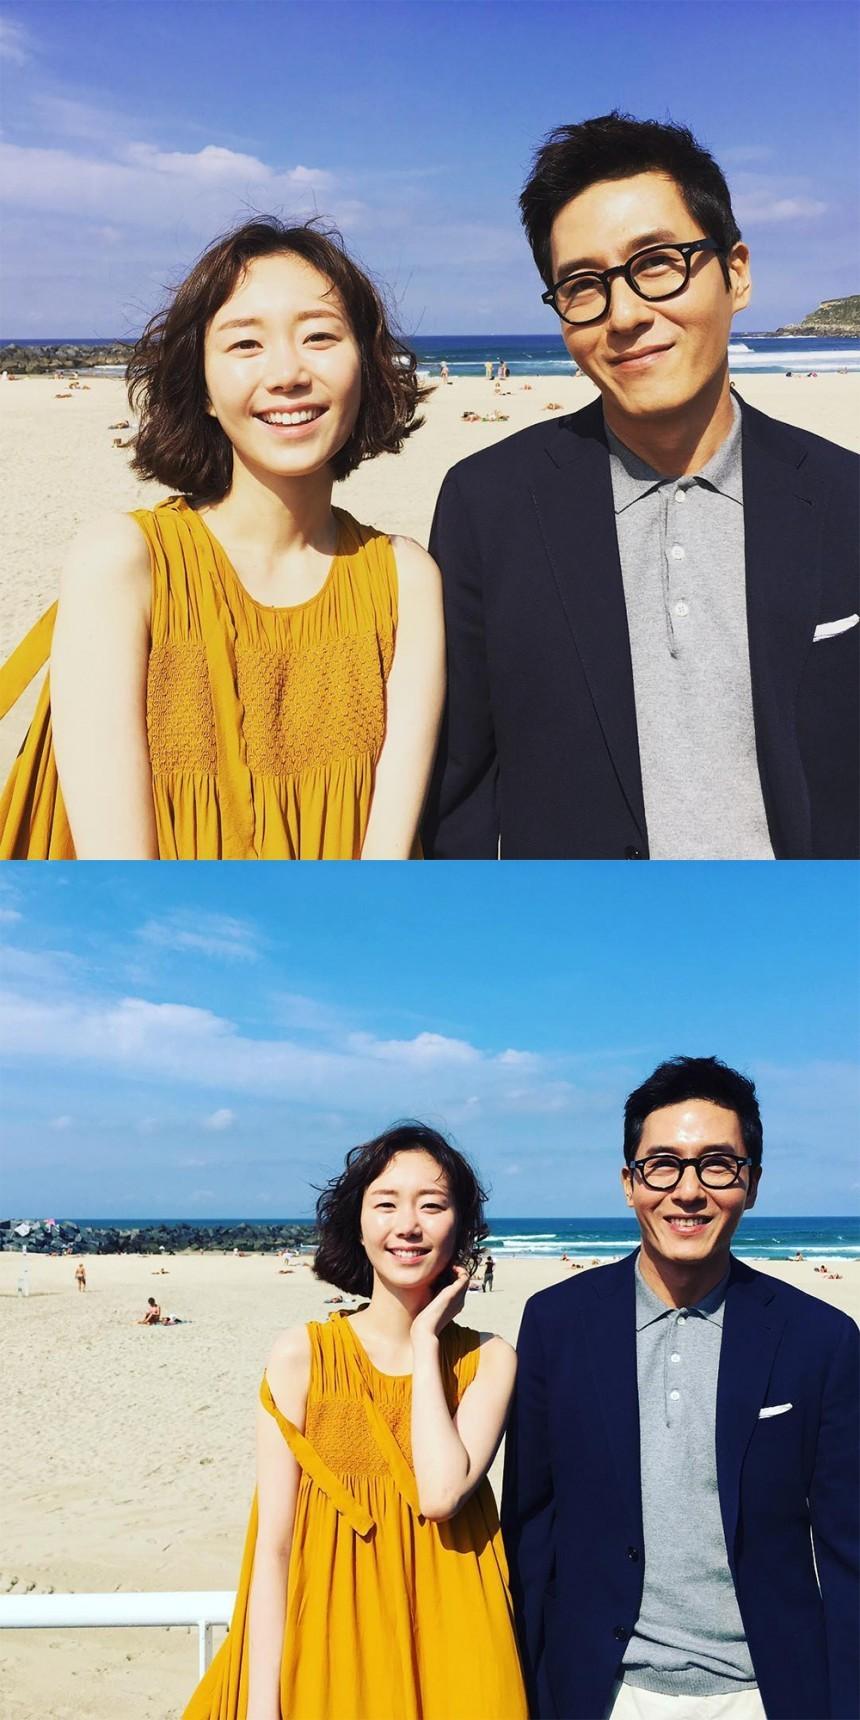 이유영-김주혁 / 이유영 SNS